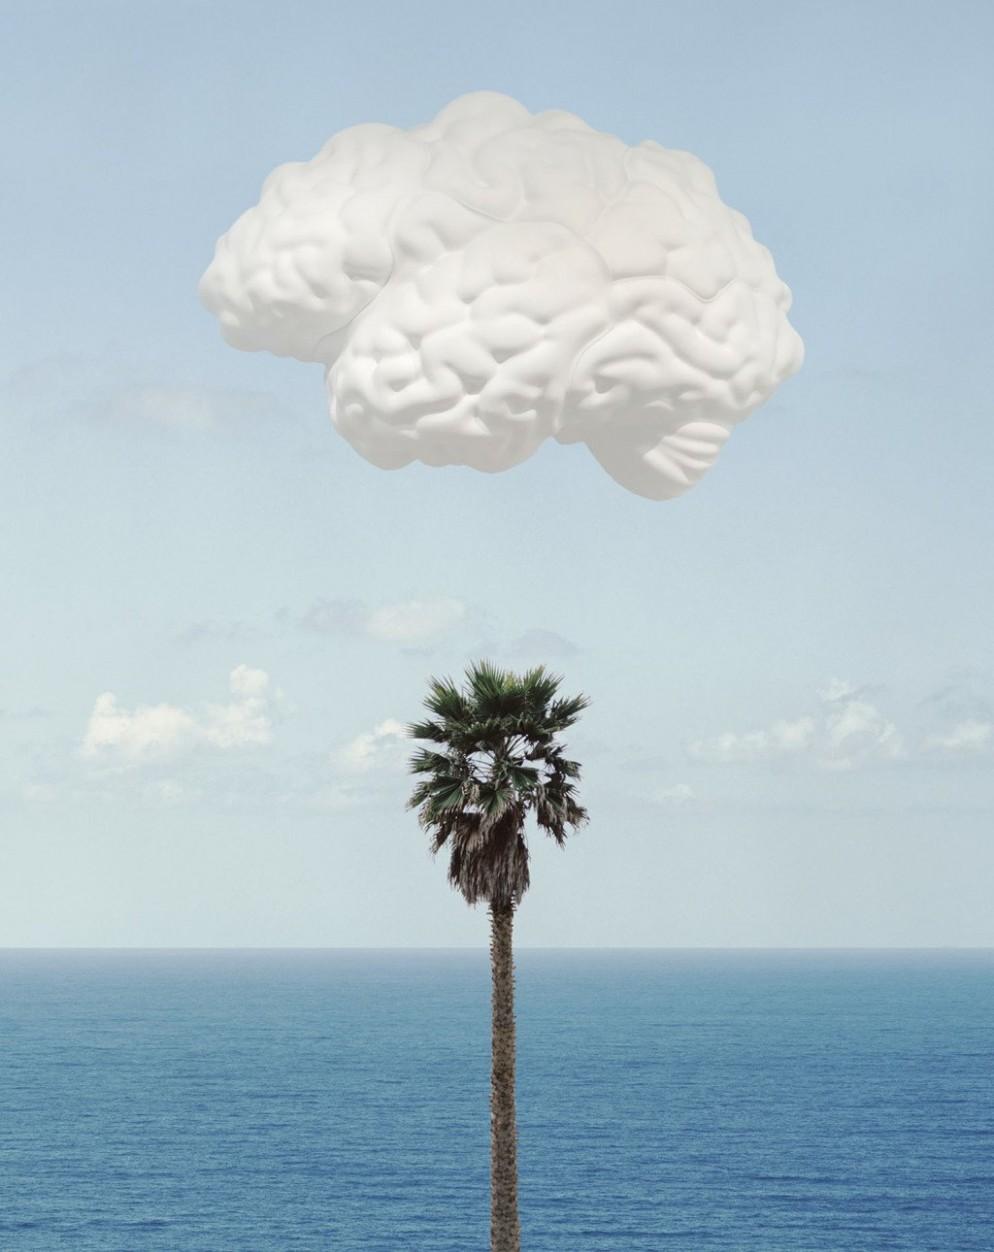 john_baldessari_brain_cloud_1024x768